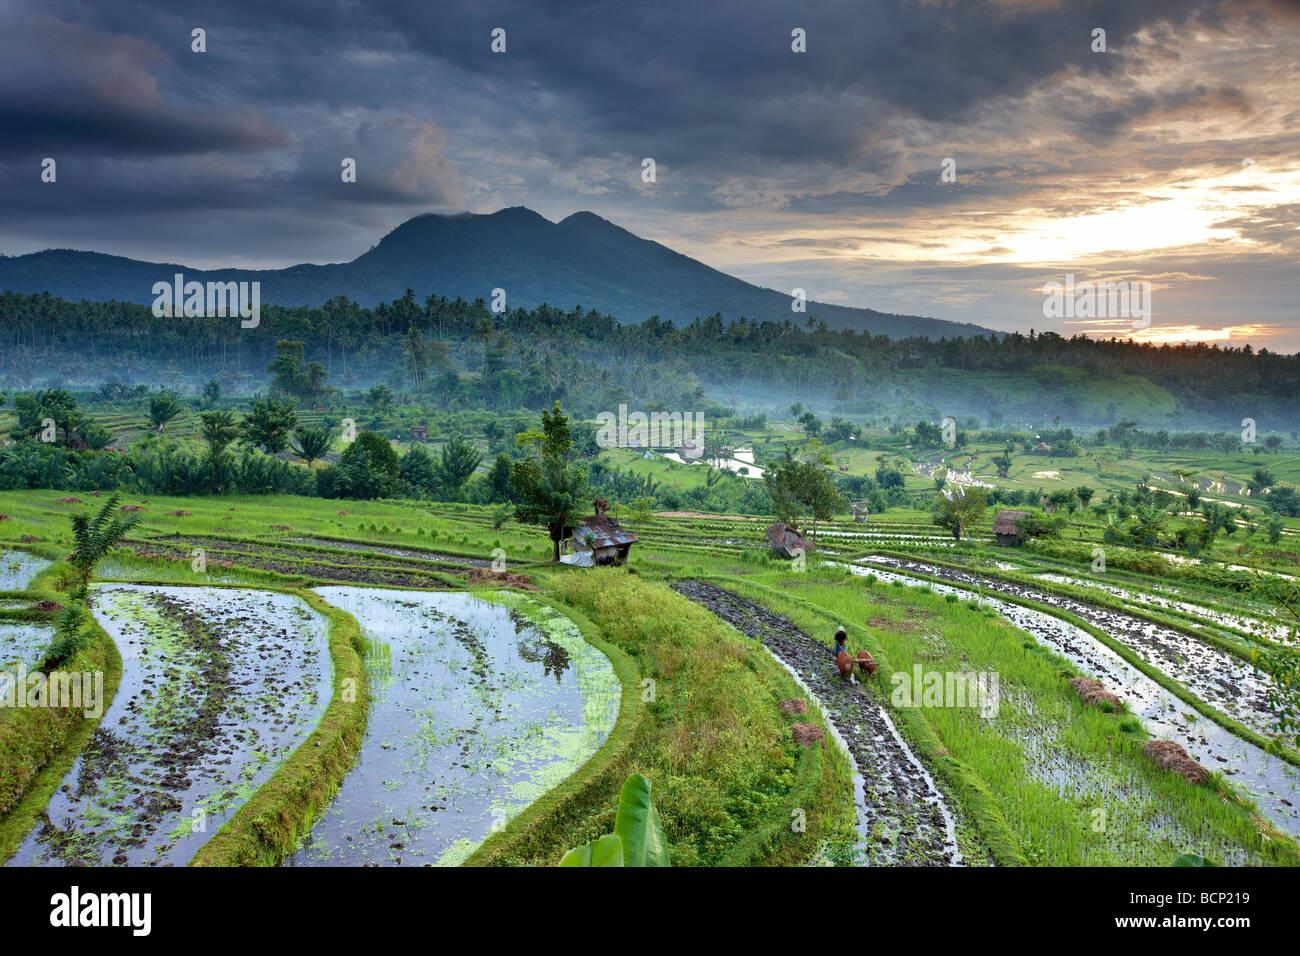 Ochsen angetrieben Pflug in den terrassenförmig angelegten Reis Felder nr Tirtagangga im Morgengrauen mit der Stockbild